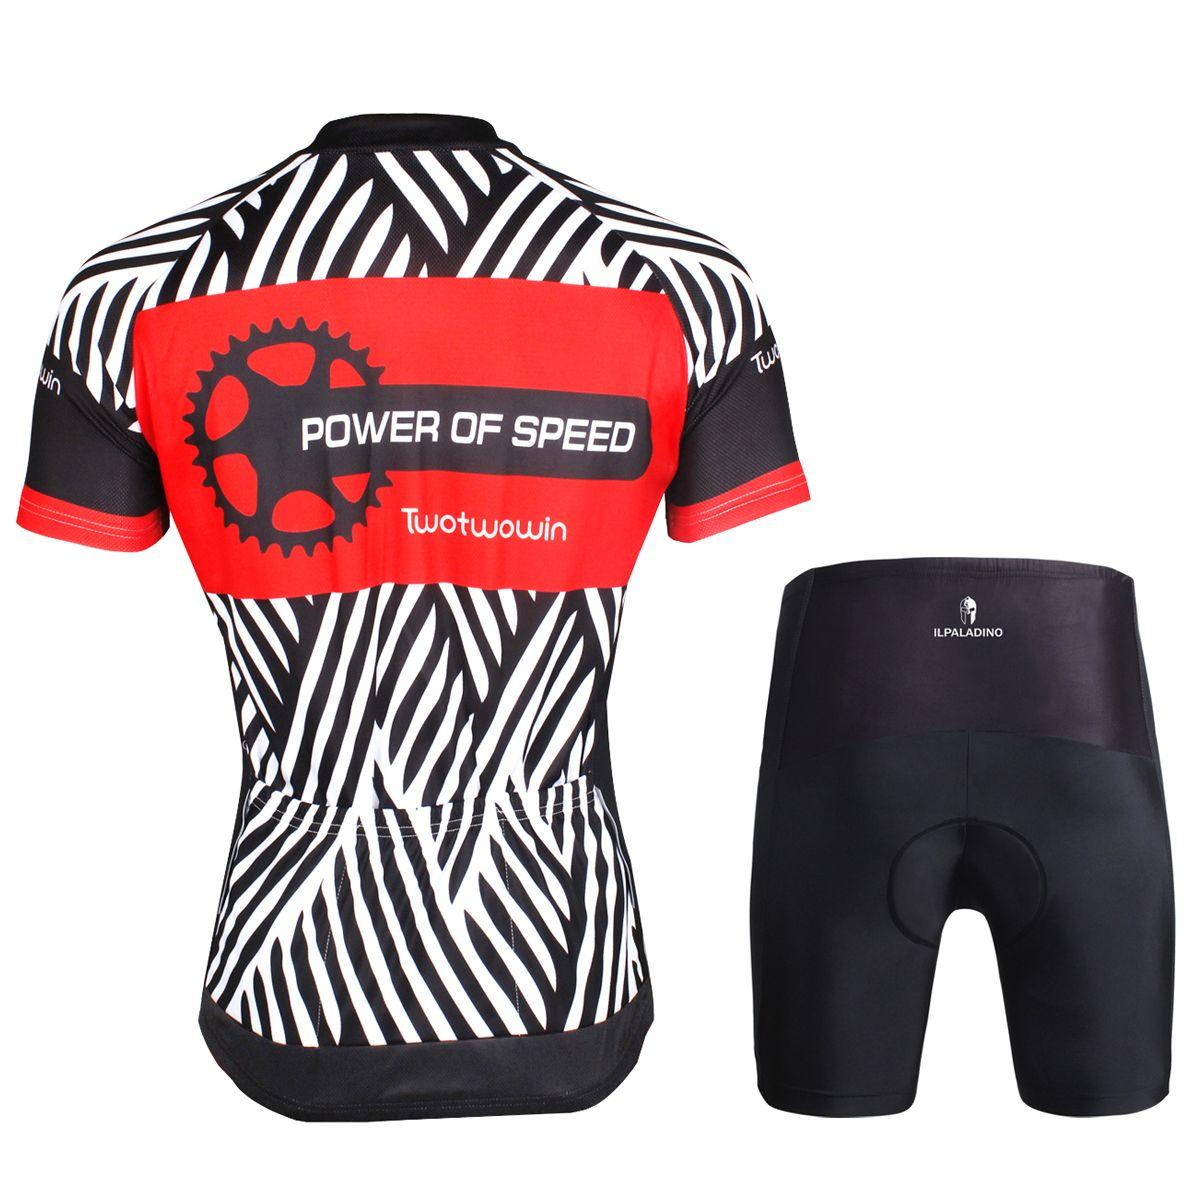 Mountain Bike Apparel Cycling Apparel Brands Cycling Apparel Near Me Women S Bicycle Clothing Discoun Mountain Bike Clothing Bike Clothes Mountain Biking Women